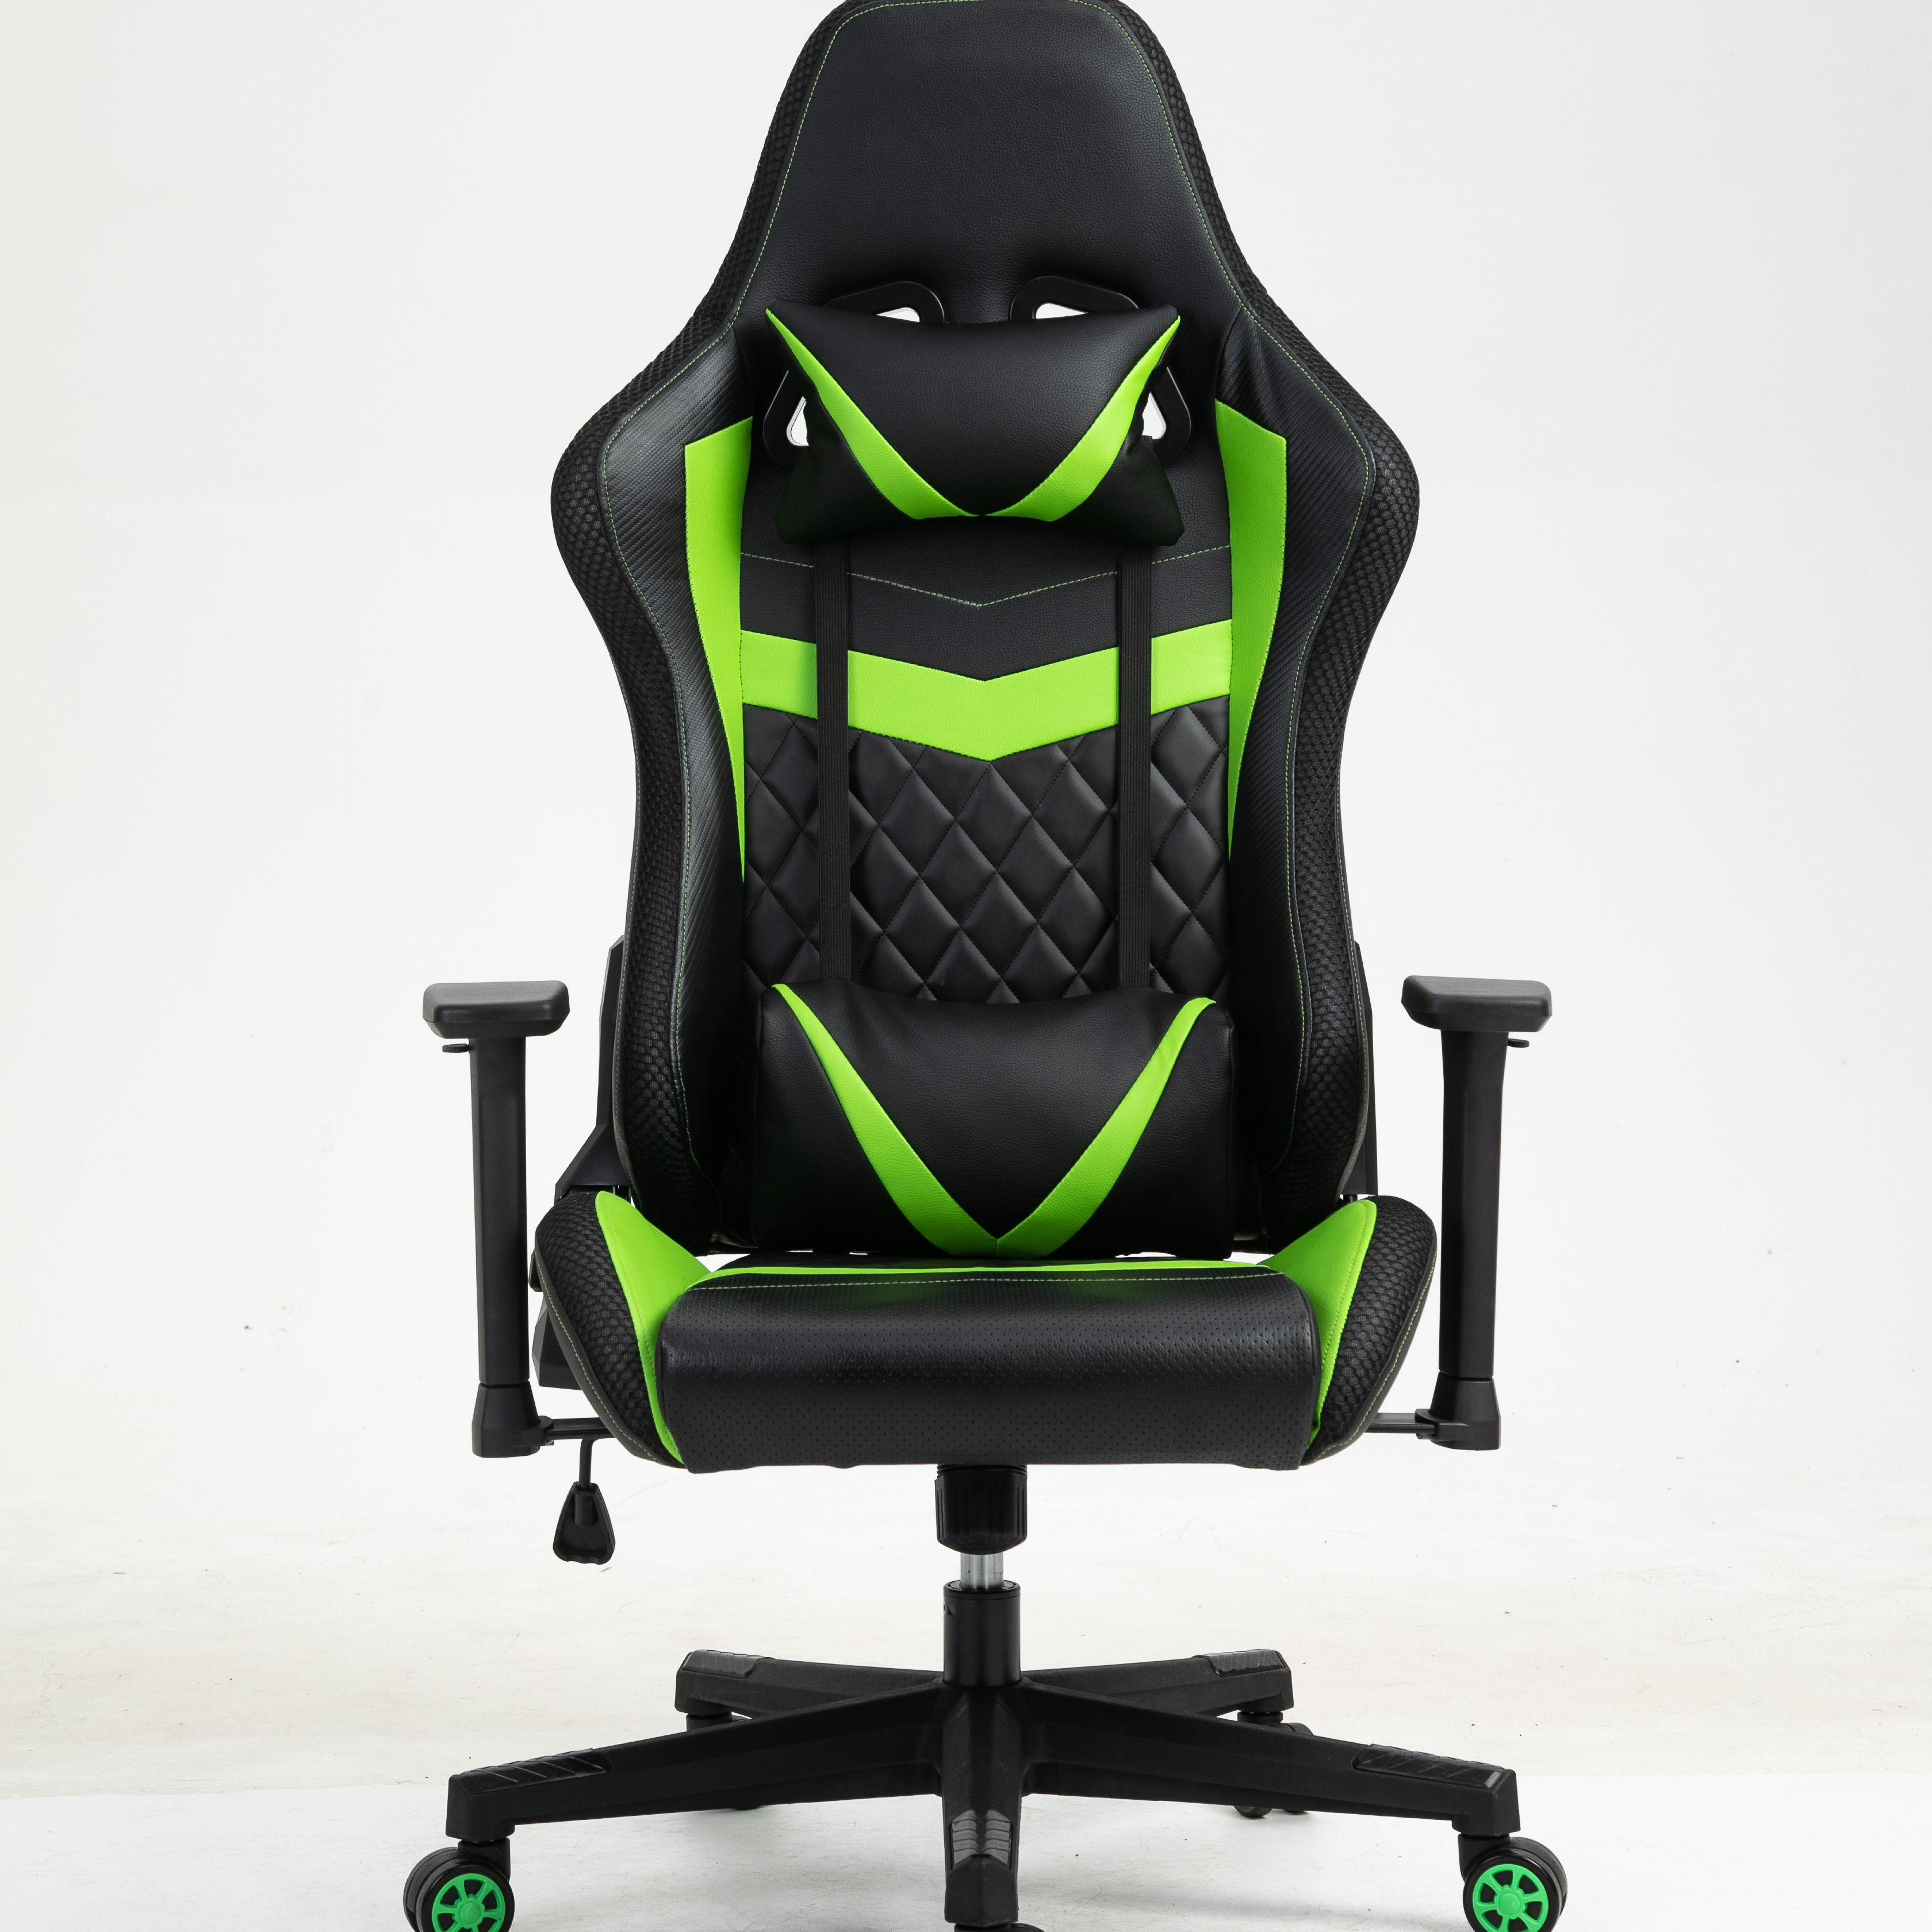 Mesh chair singapore